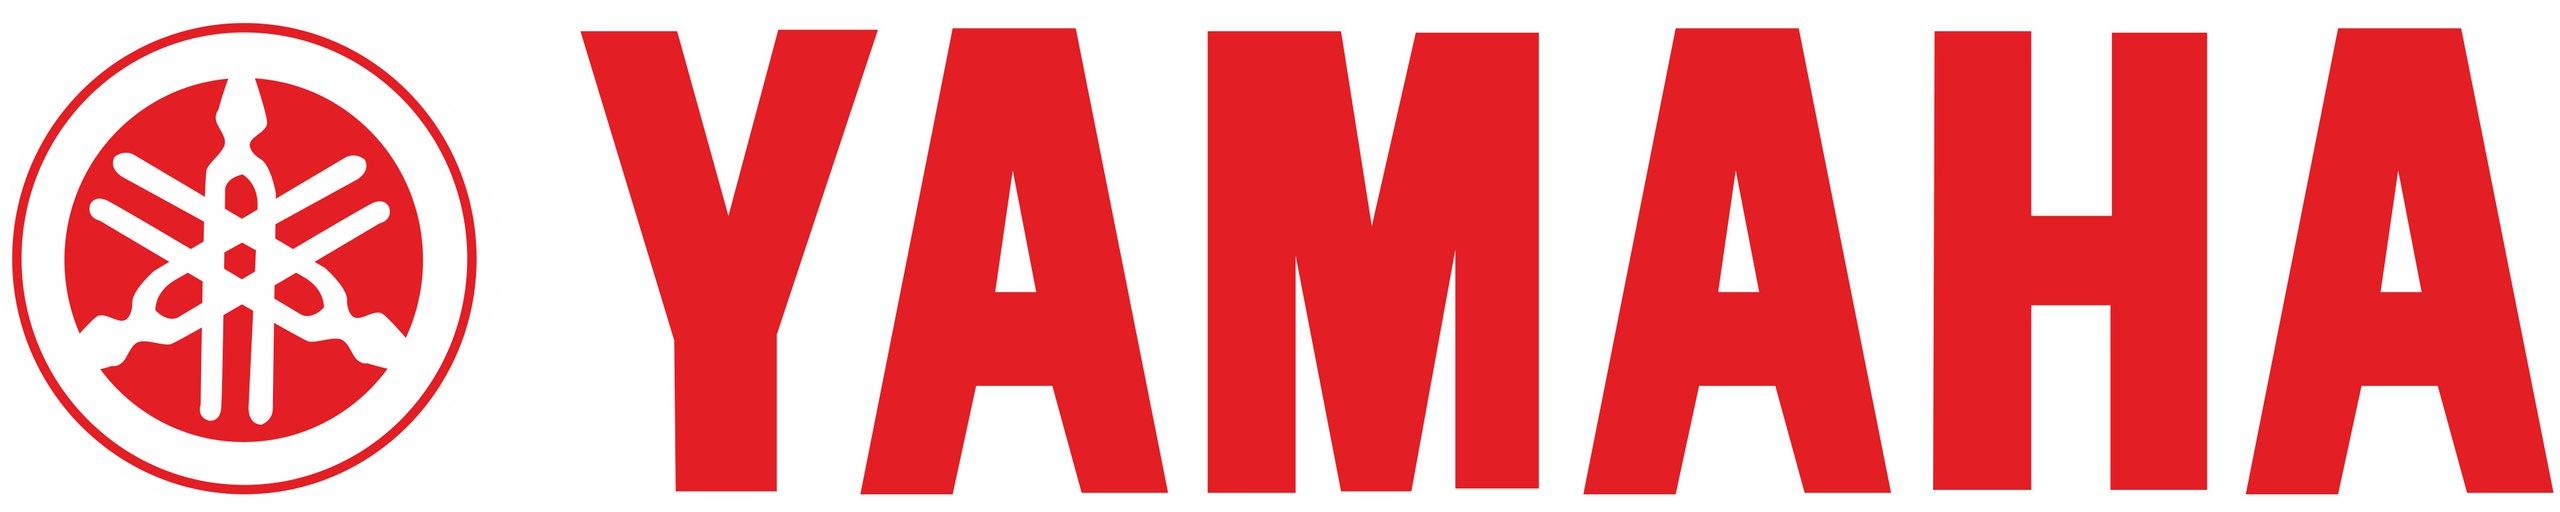 Yamaha Logo Vector CDR File